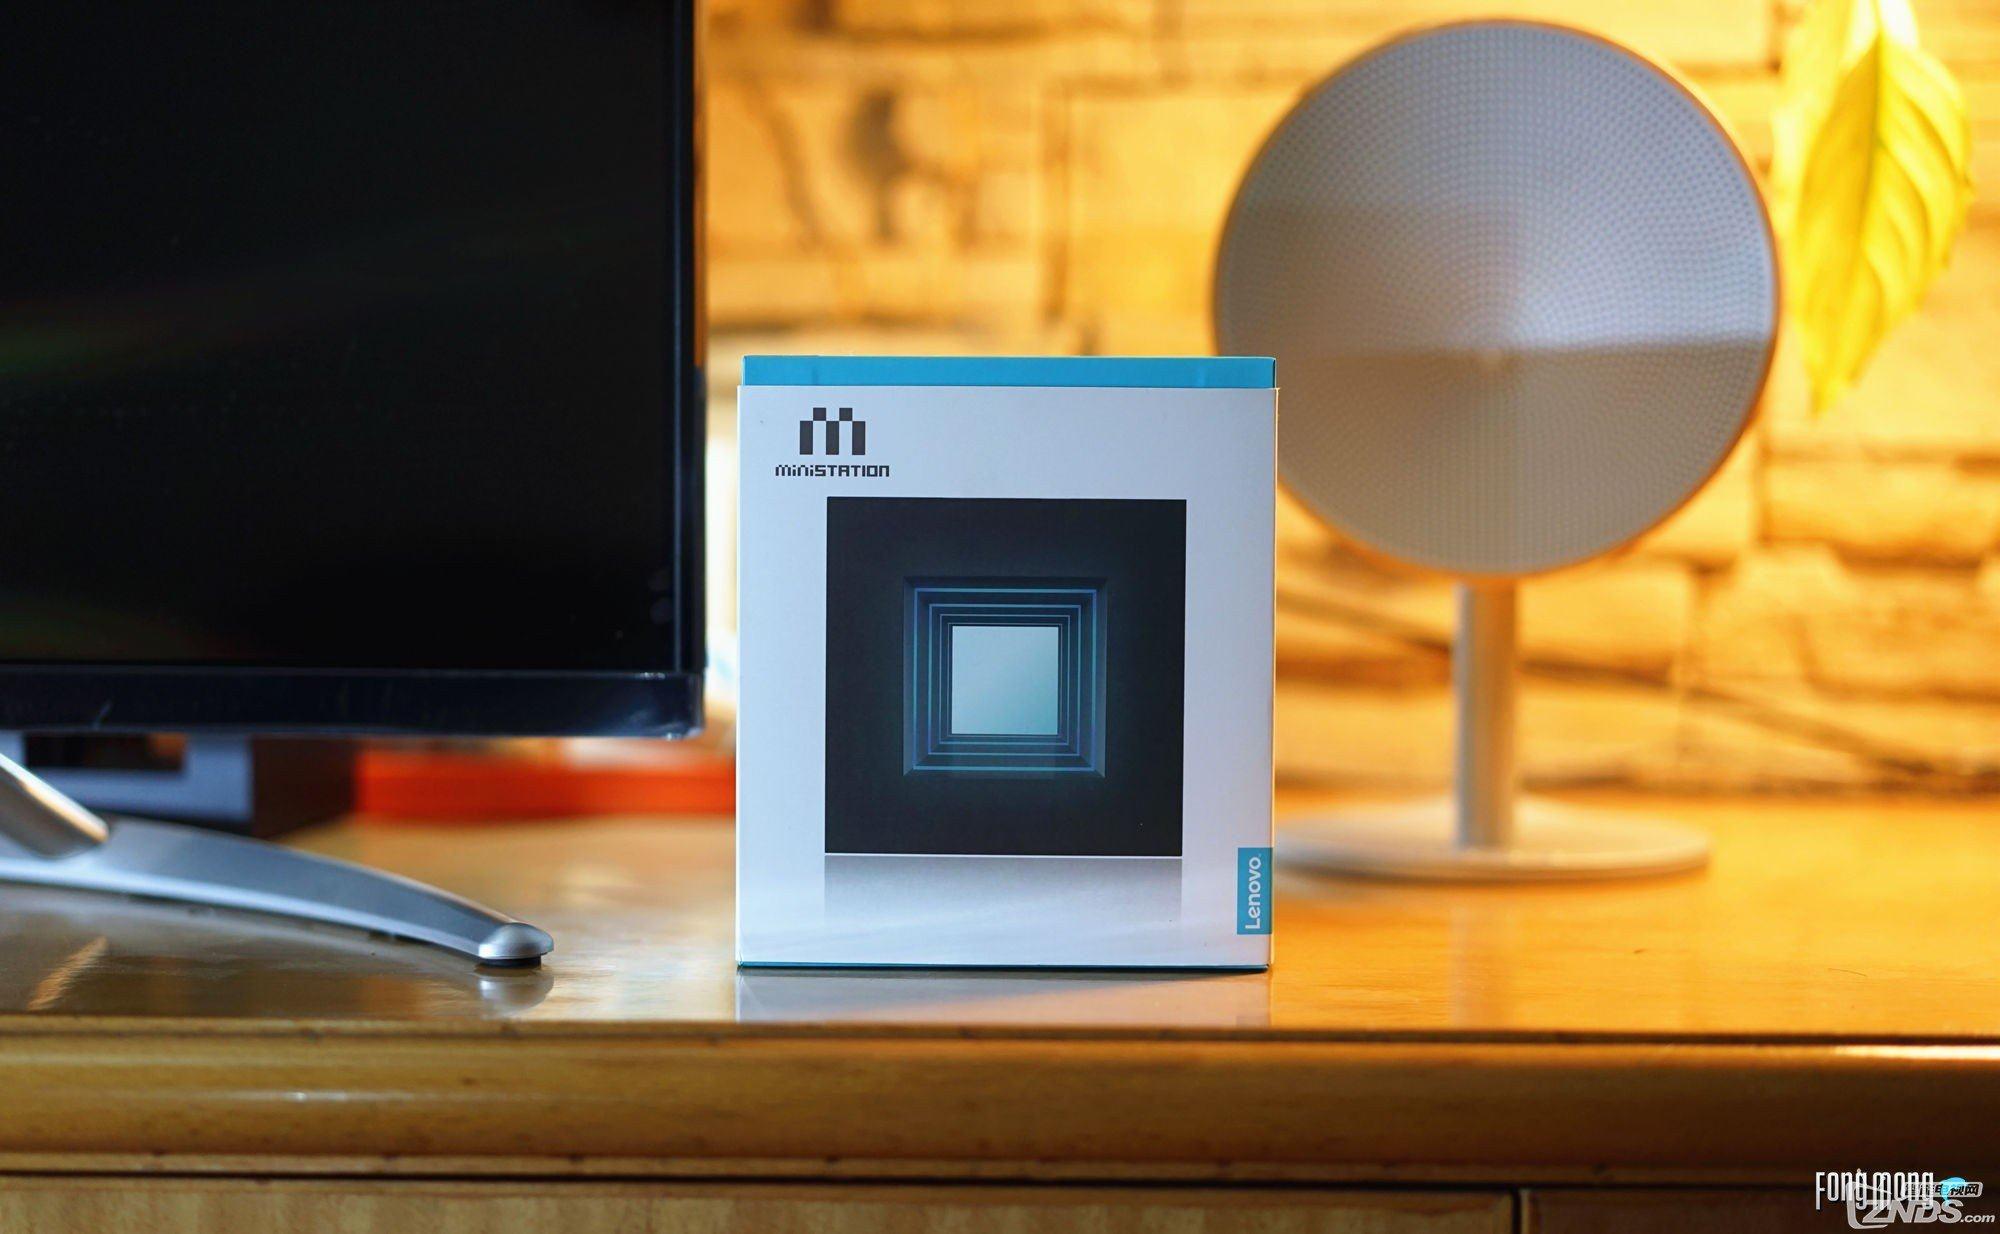 联想乐檬miniStation 测评:客厅最棒的游戏主机